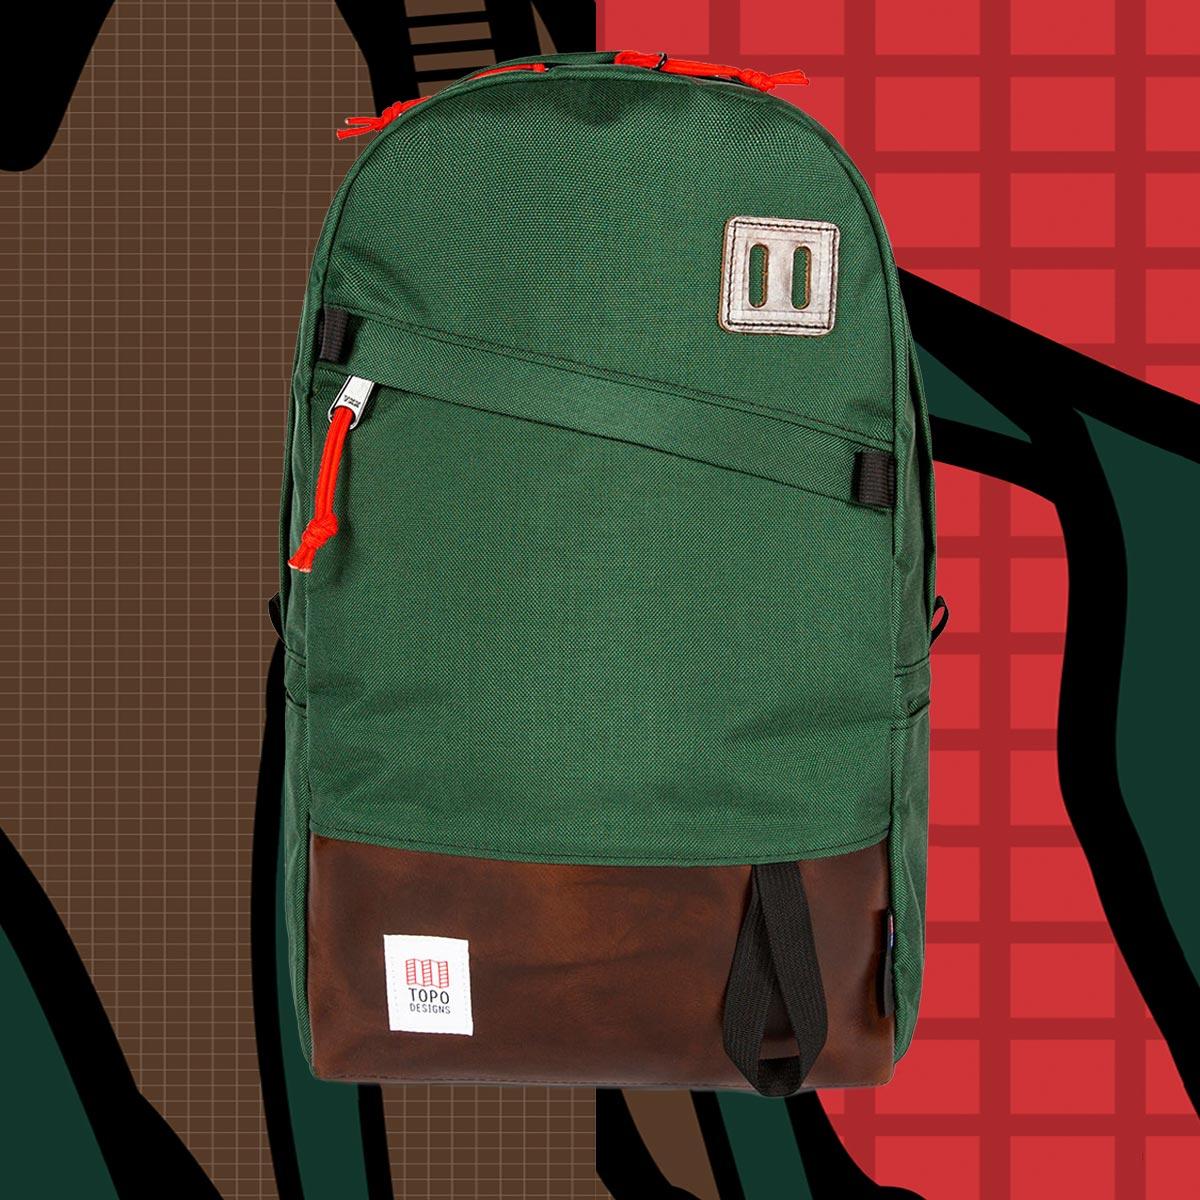 Topo Designs Daypack Forest/Brown Leather starker Rucksack in 1000D Cordura mit 15 Zoll Laptopfach